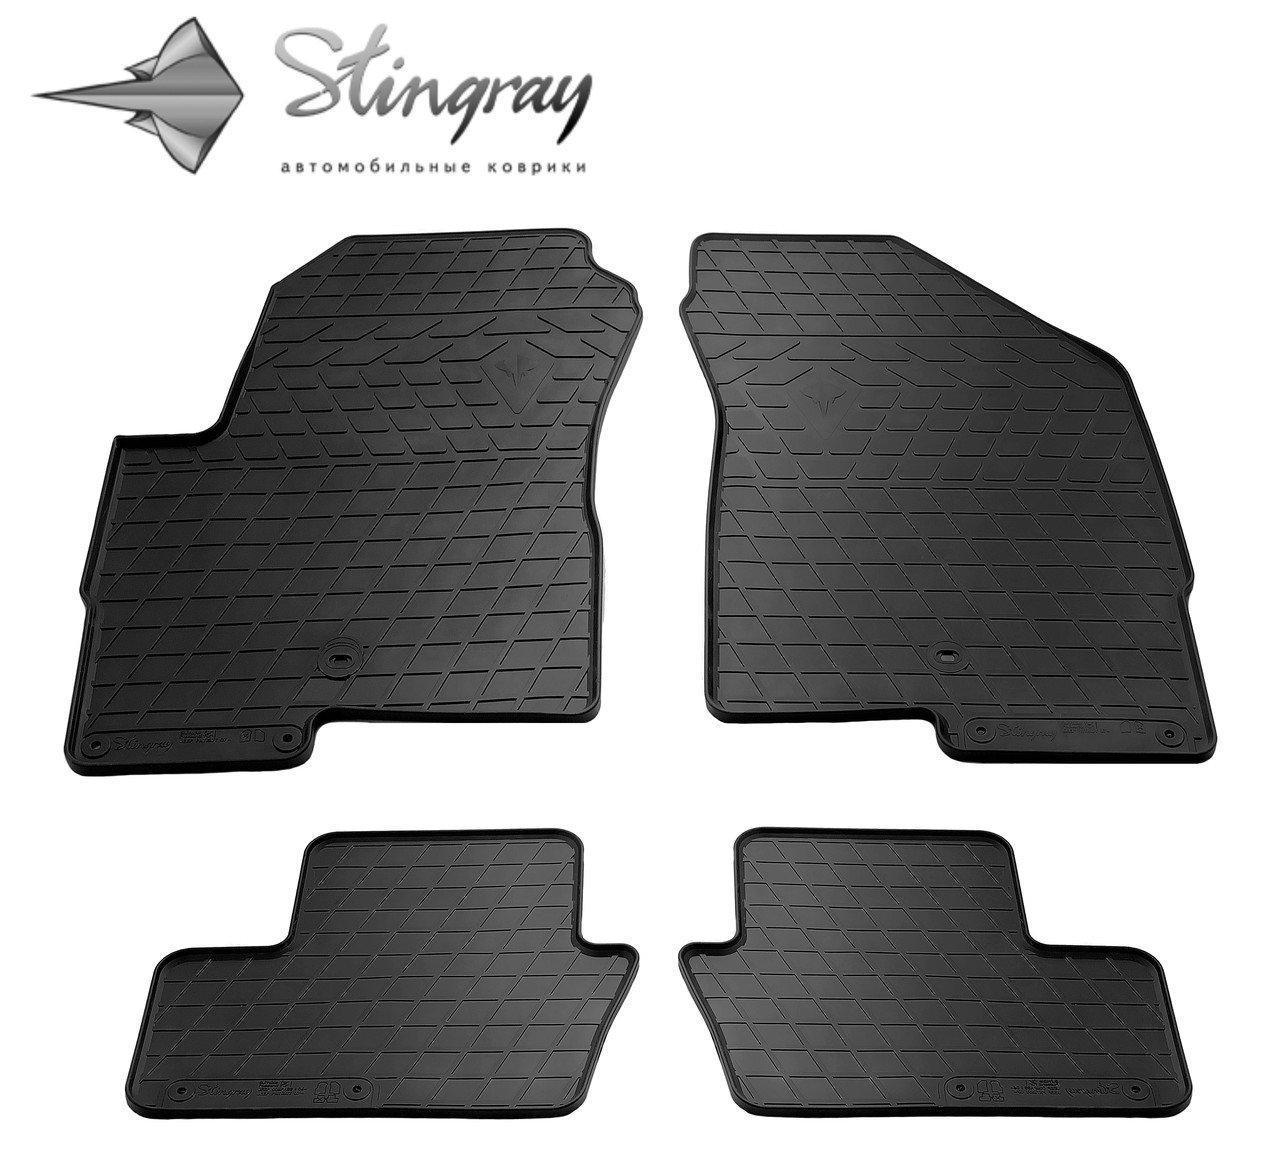 Автомобильные коврики Jeep Wrangler JK 5 дверей 2007-2018 Stingray